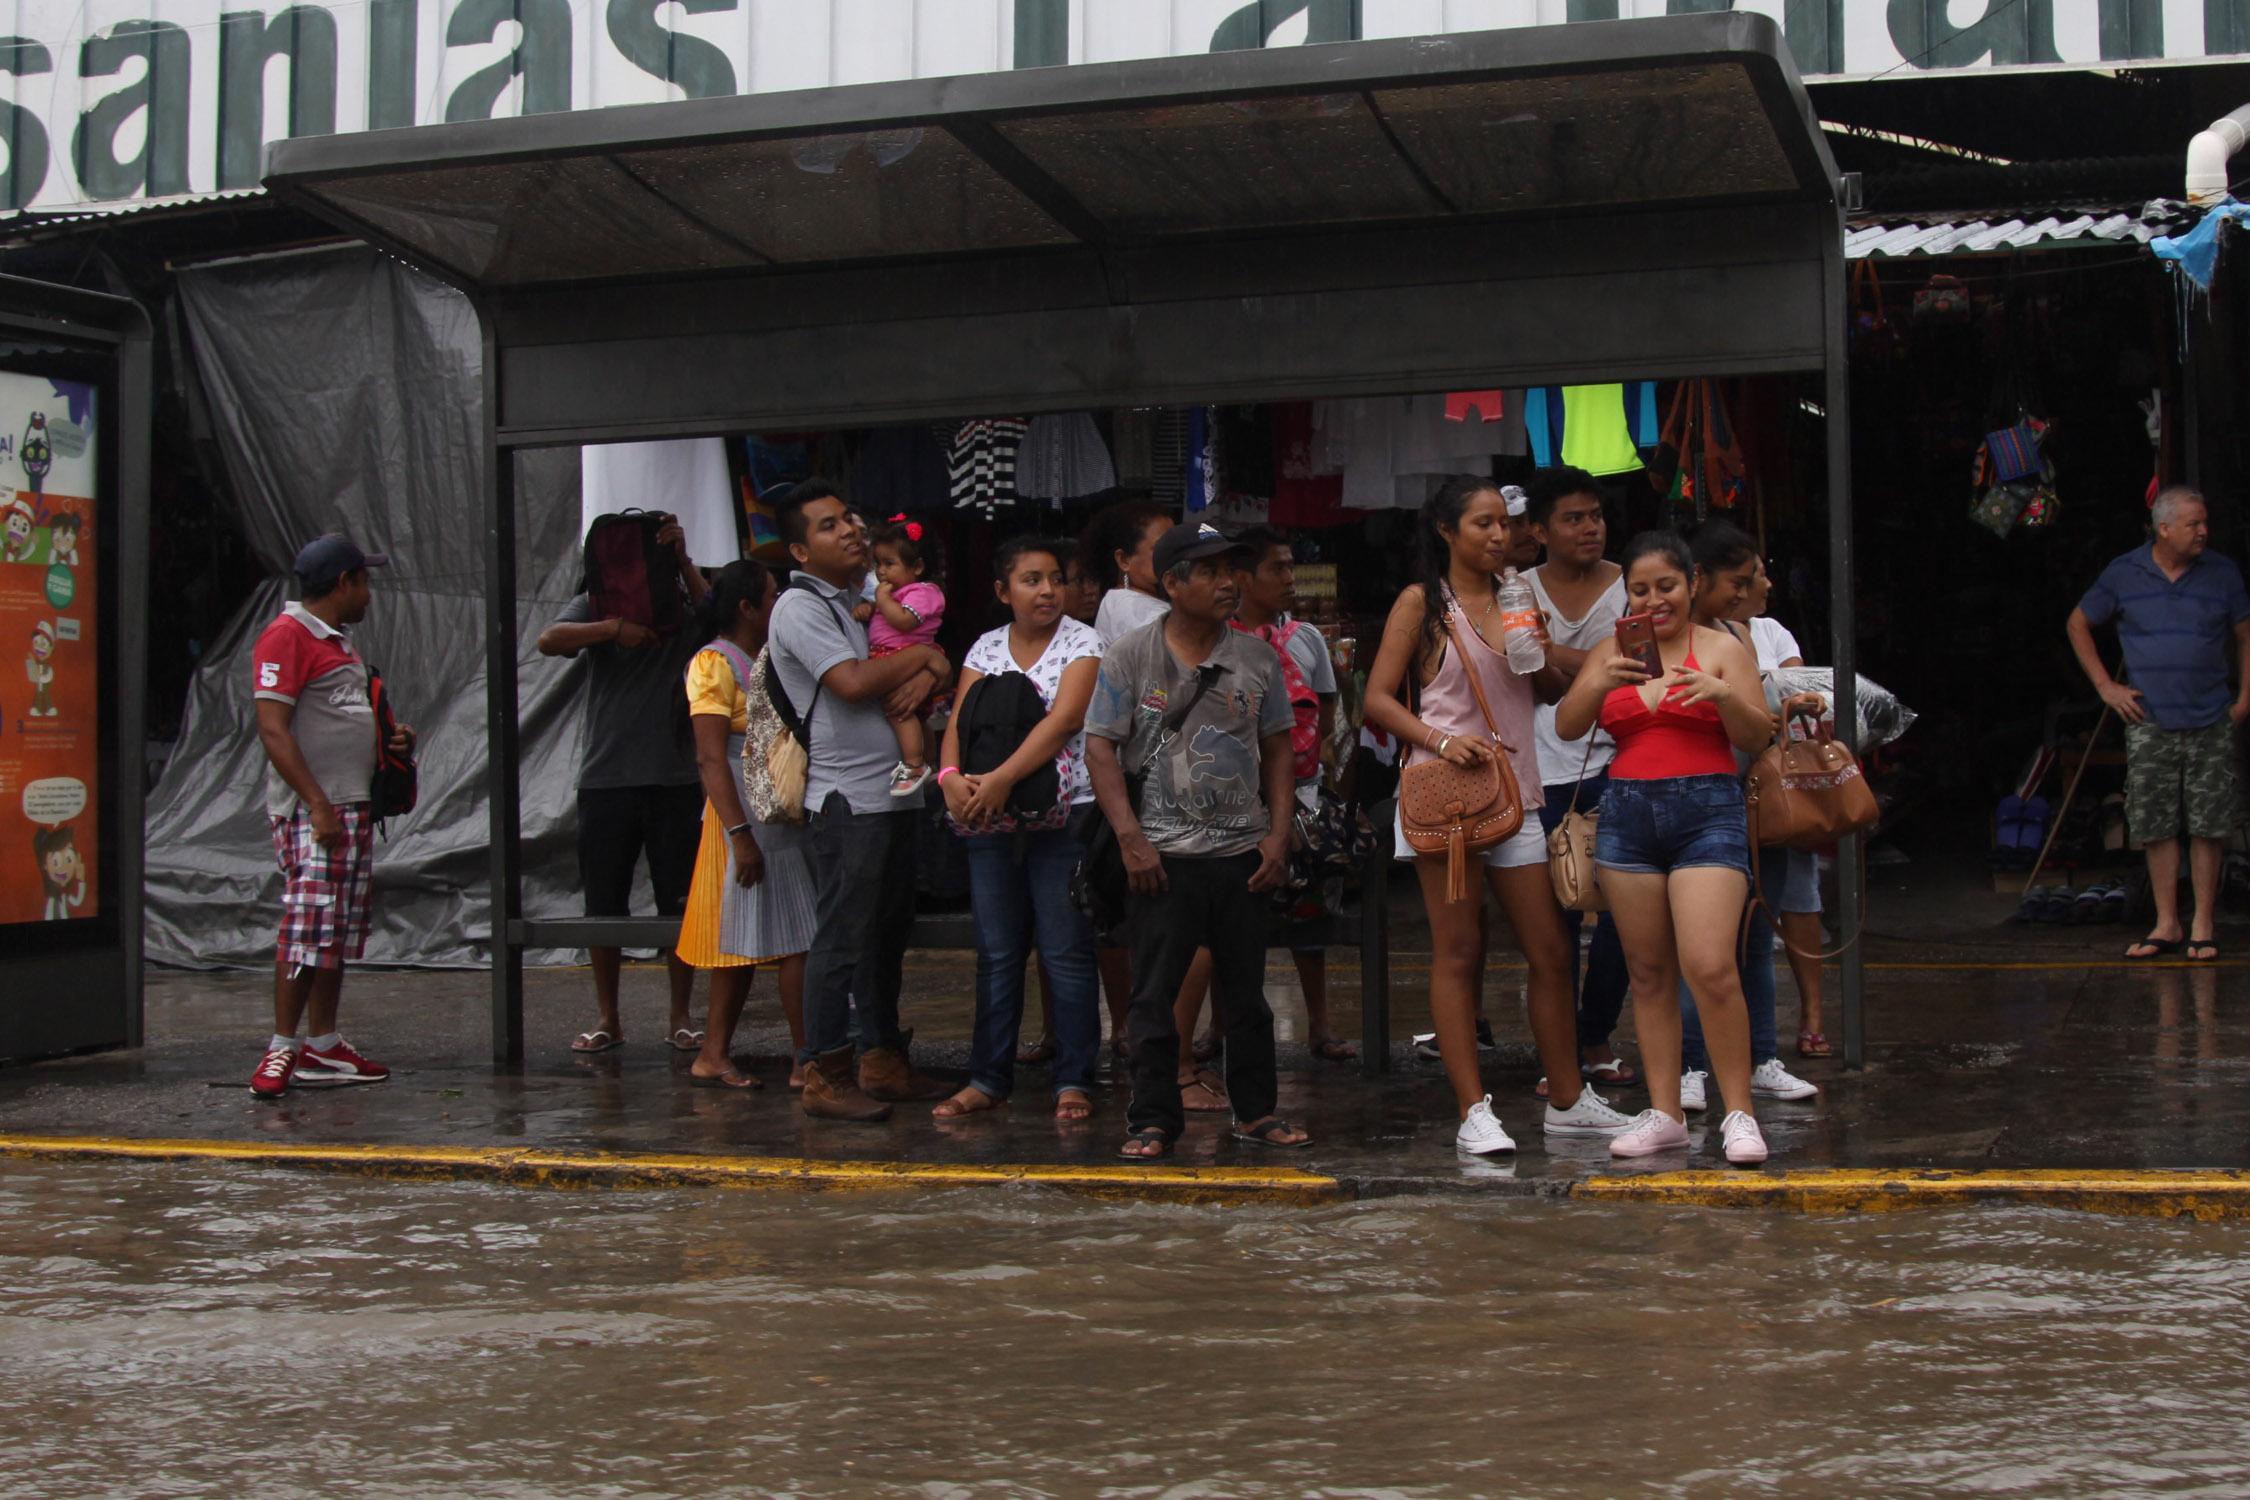 Acapulco,Gro/16enero2019/ Varias personas esperan el transporte público en la parada de camiones , mientras se cubren  de la lluvia que cayó la tarde de ayer  en Acapulco. Foto: Jesús Trigo